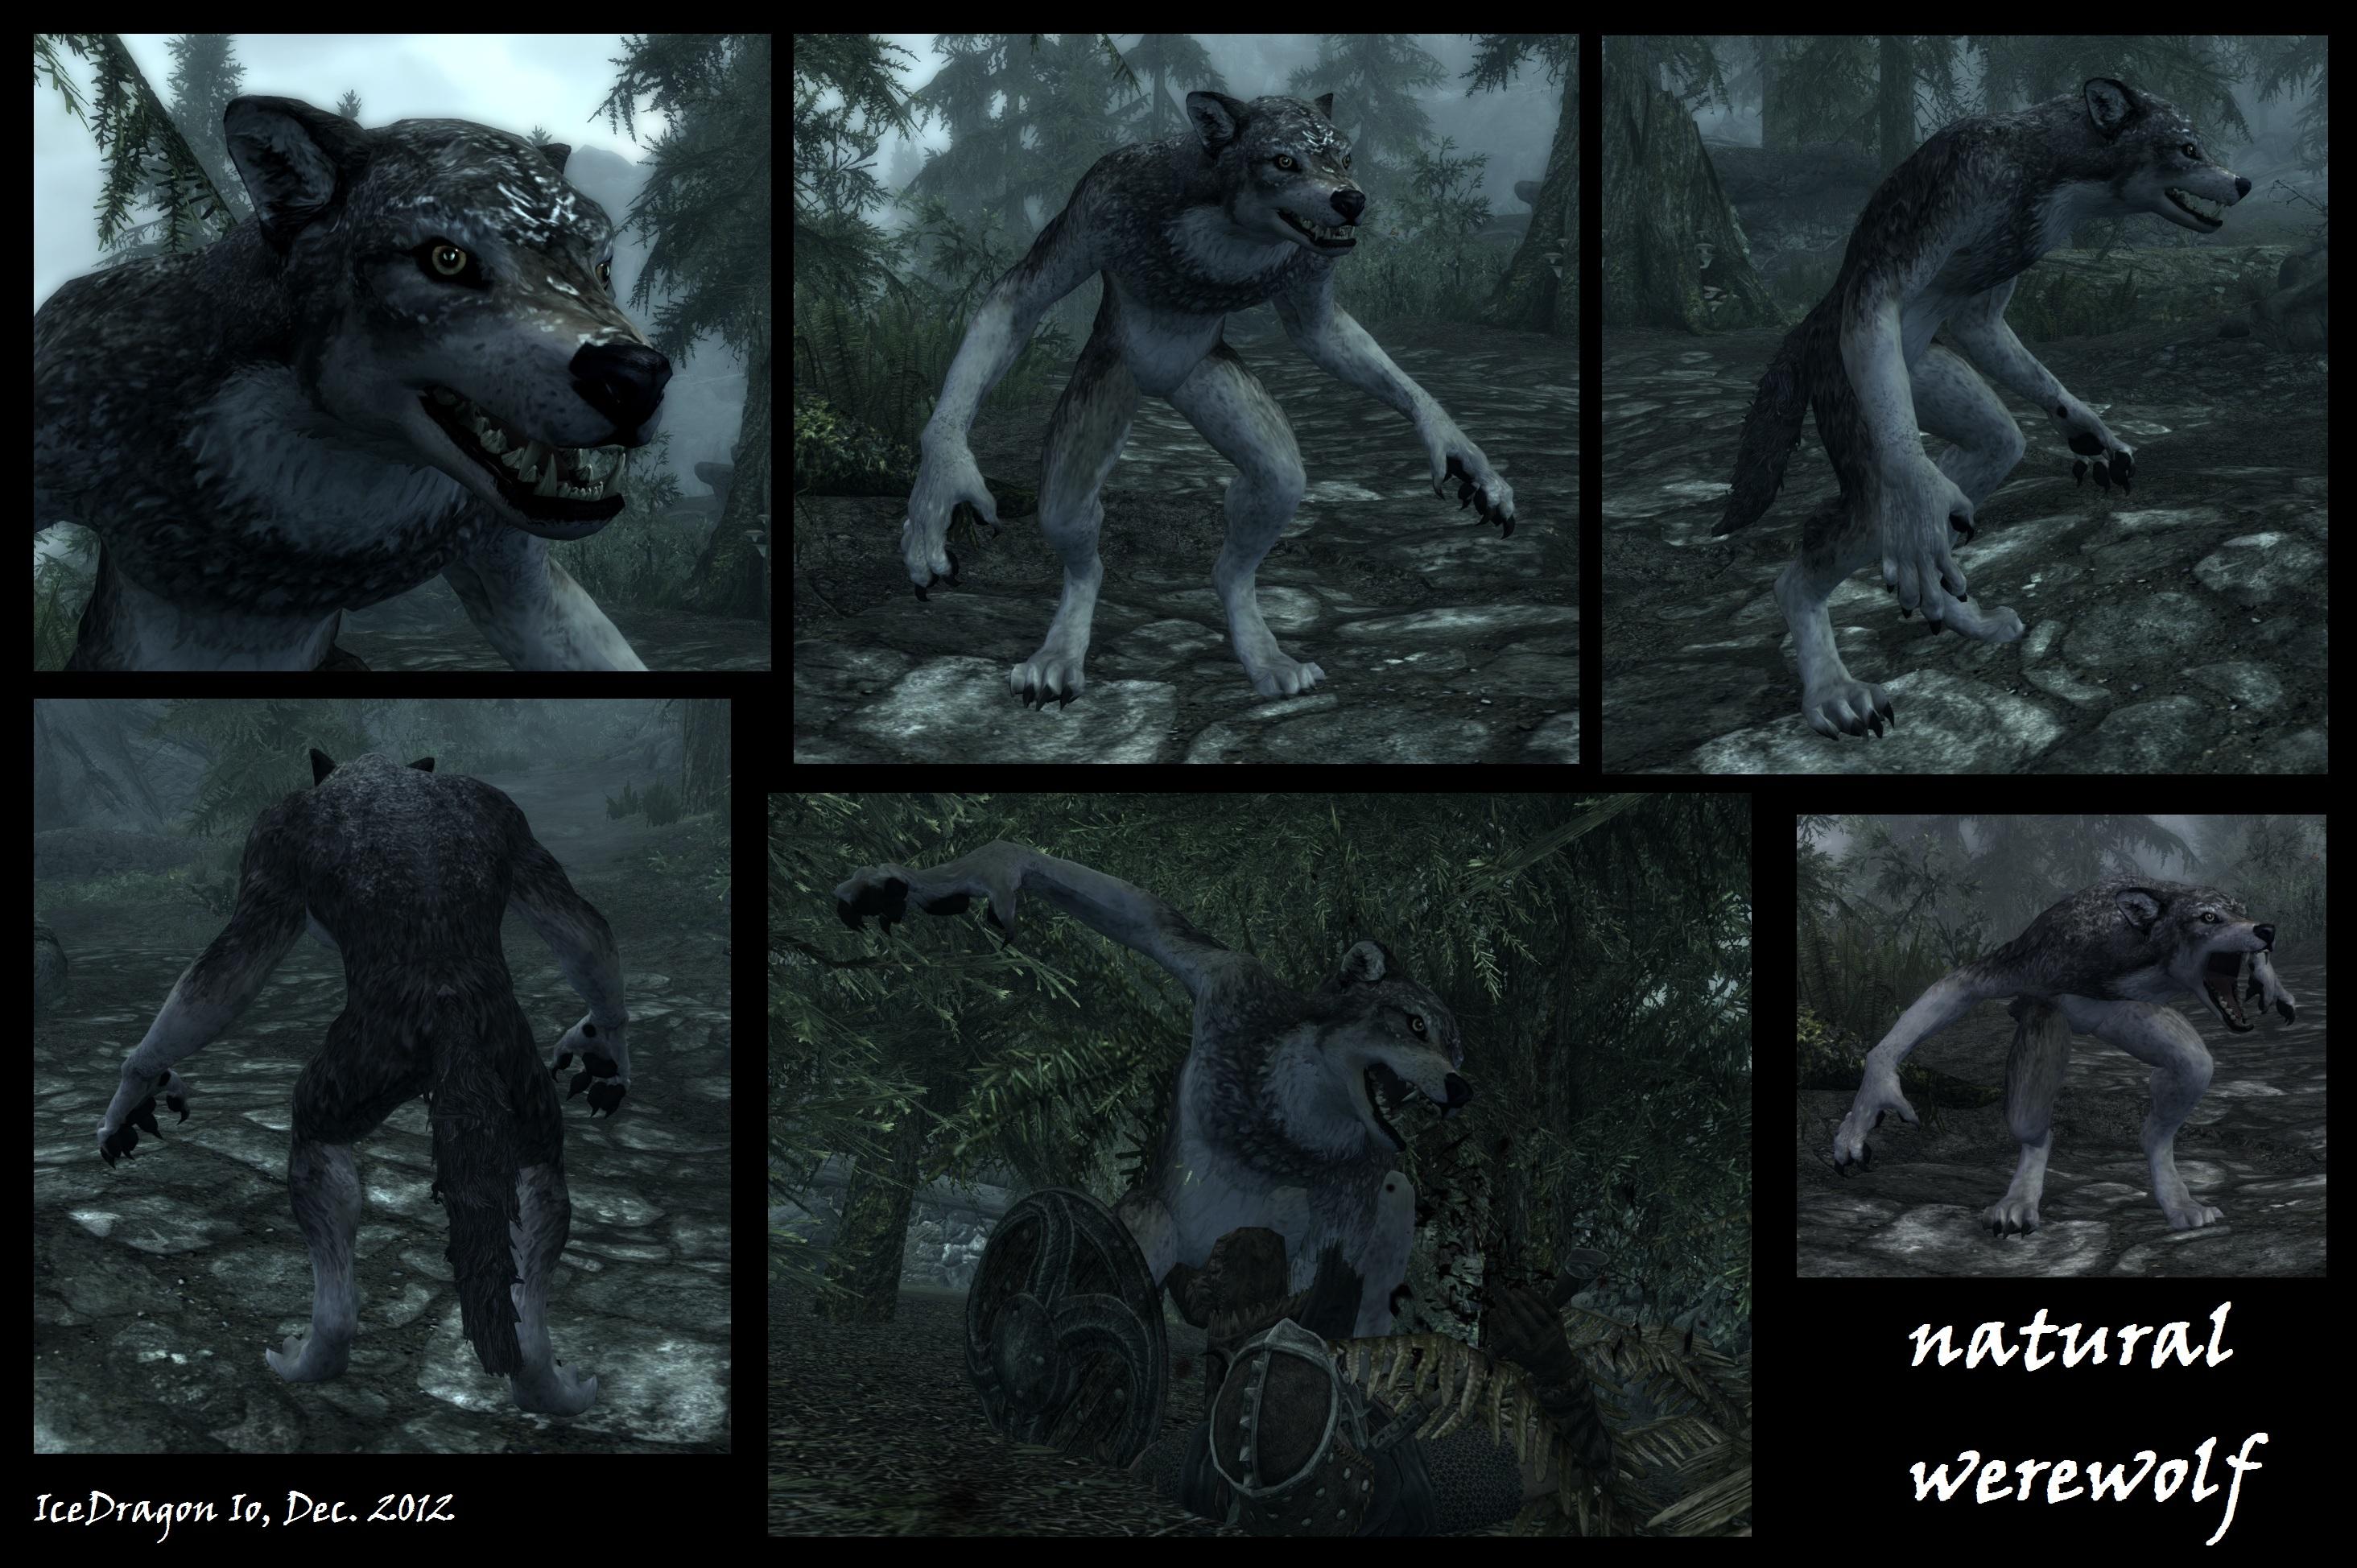 The Elder Scrolls V Skyrim Screenshot - WEREWOLF by IceDragon-Io on